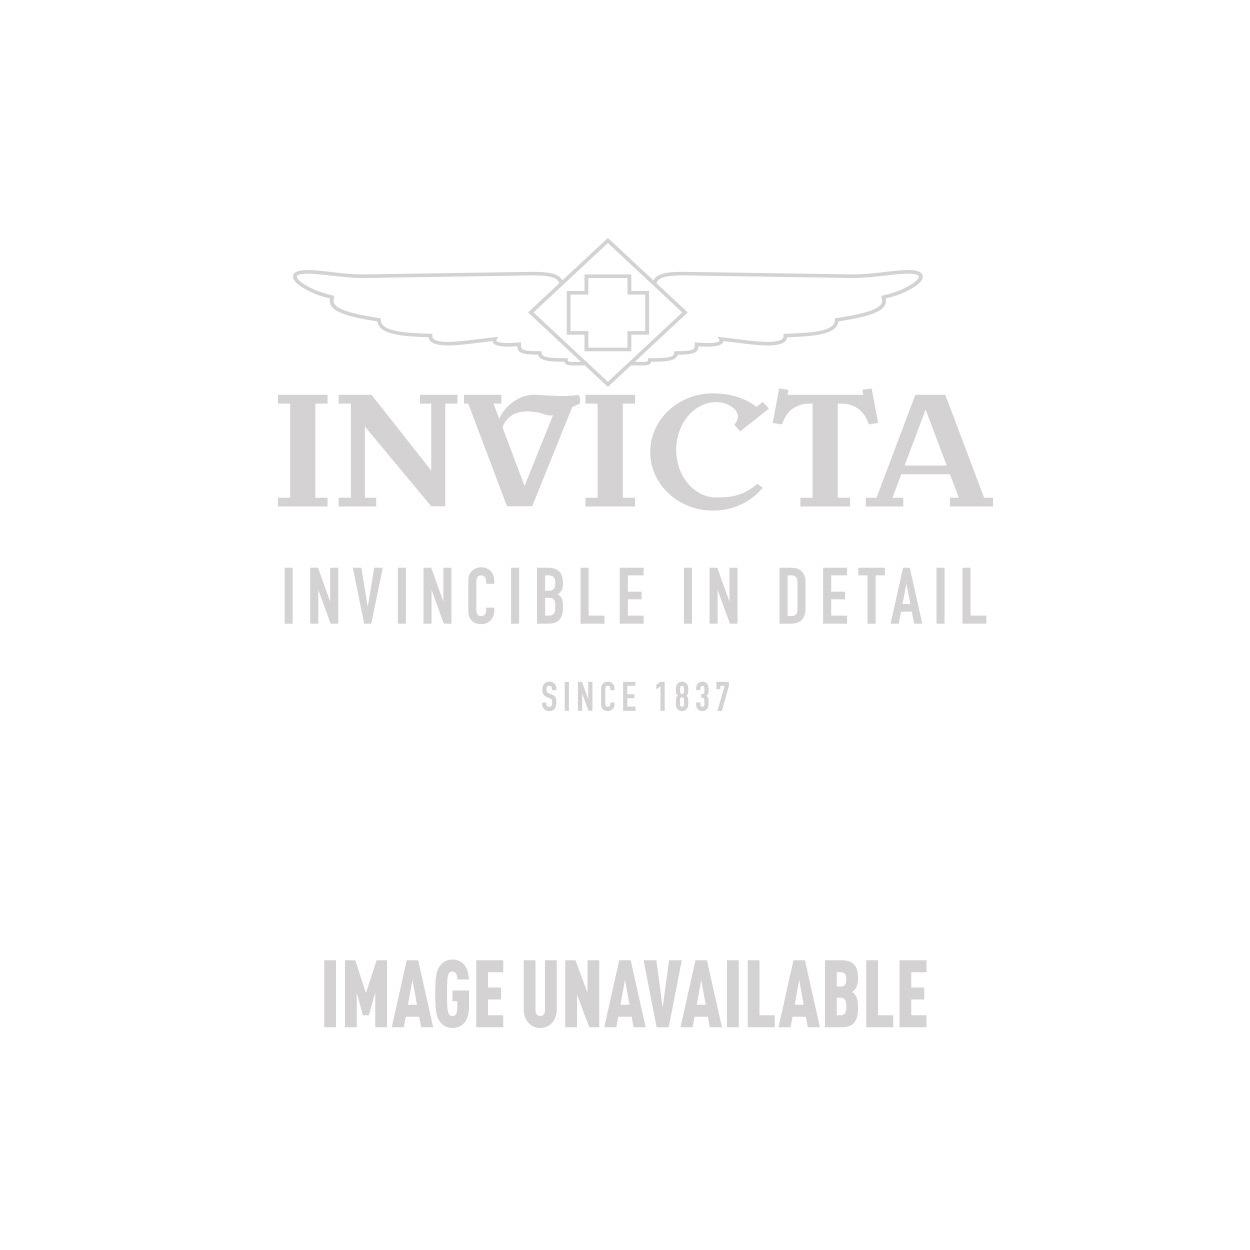 Invicta Model 28386